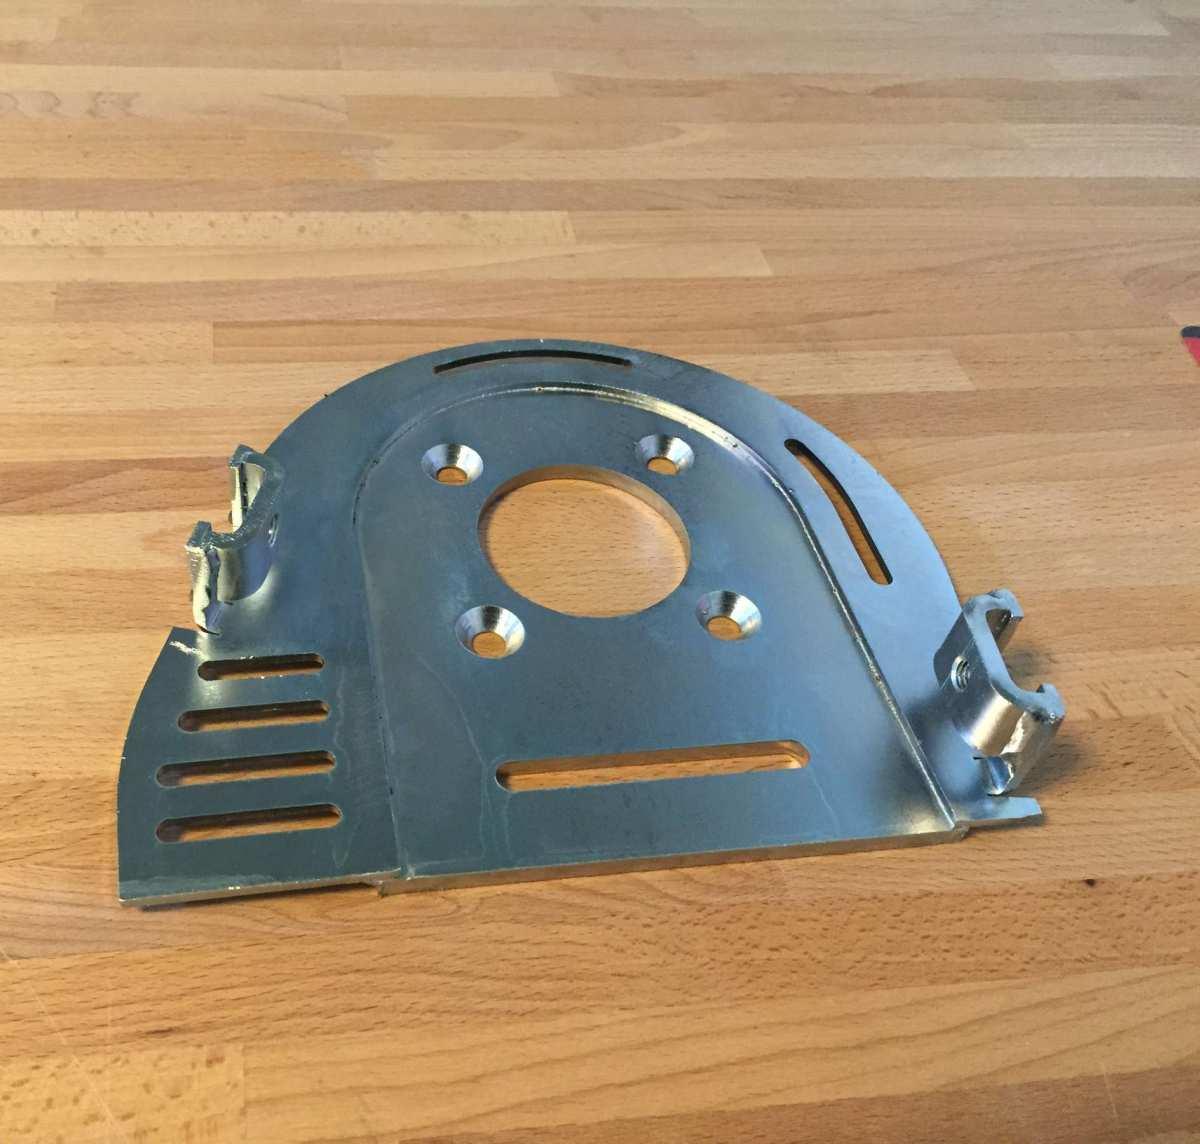 Galvanisiertes Stahlblech der Firma Lynx Metal Works